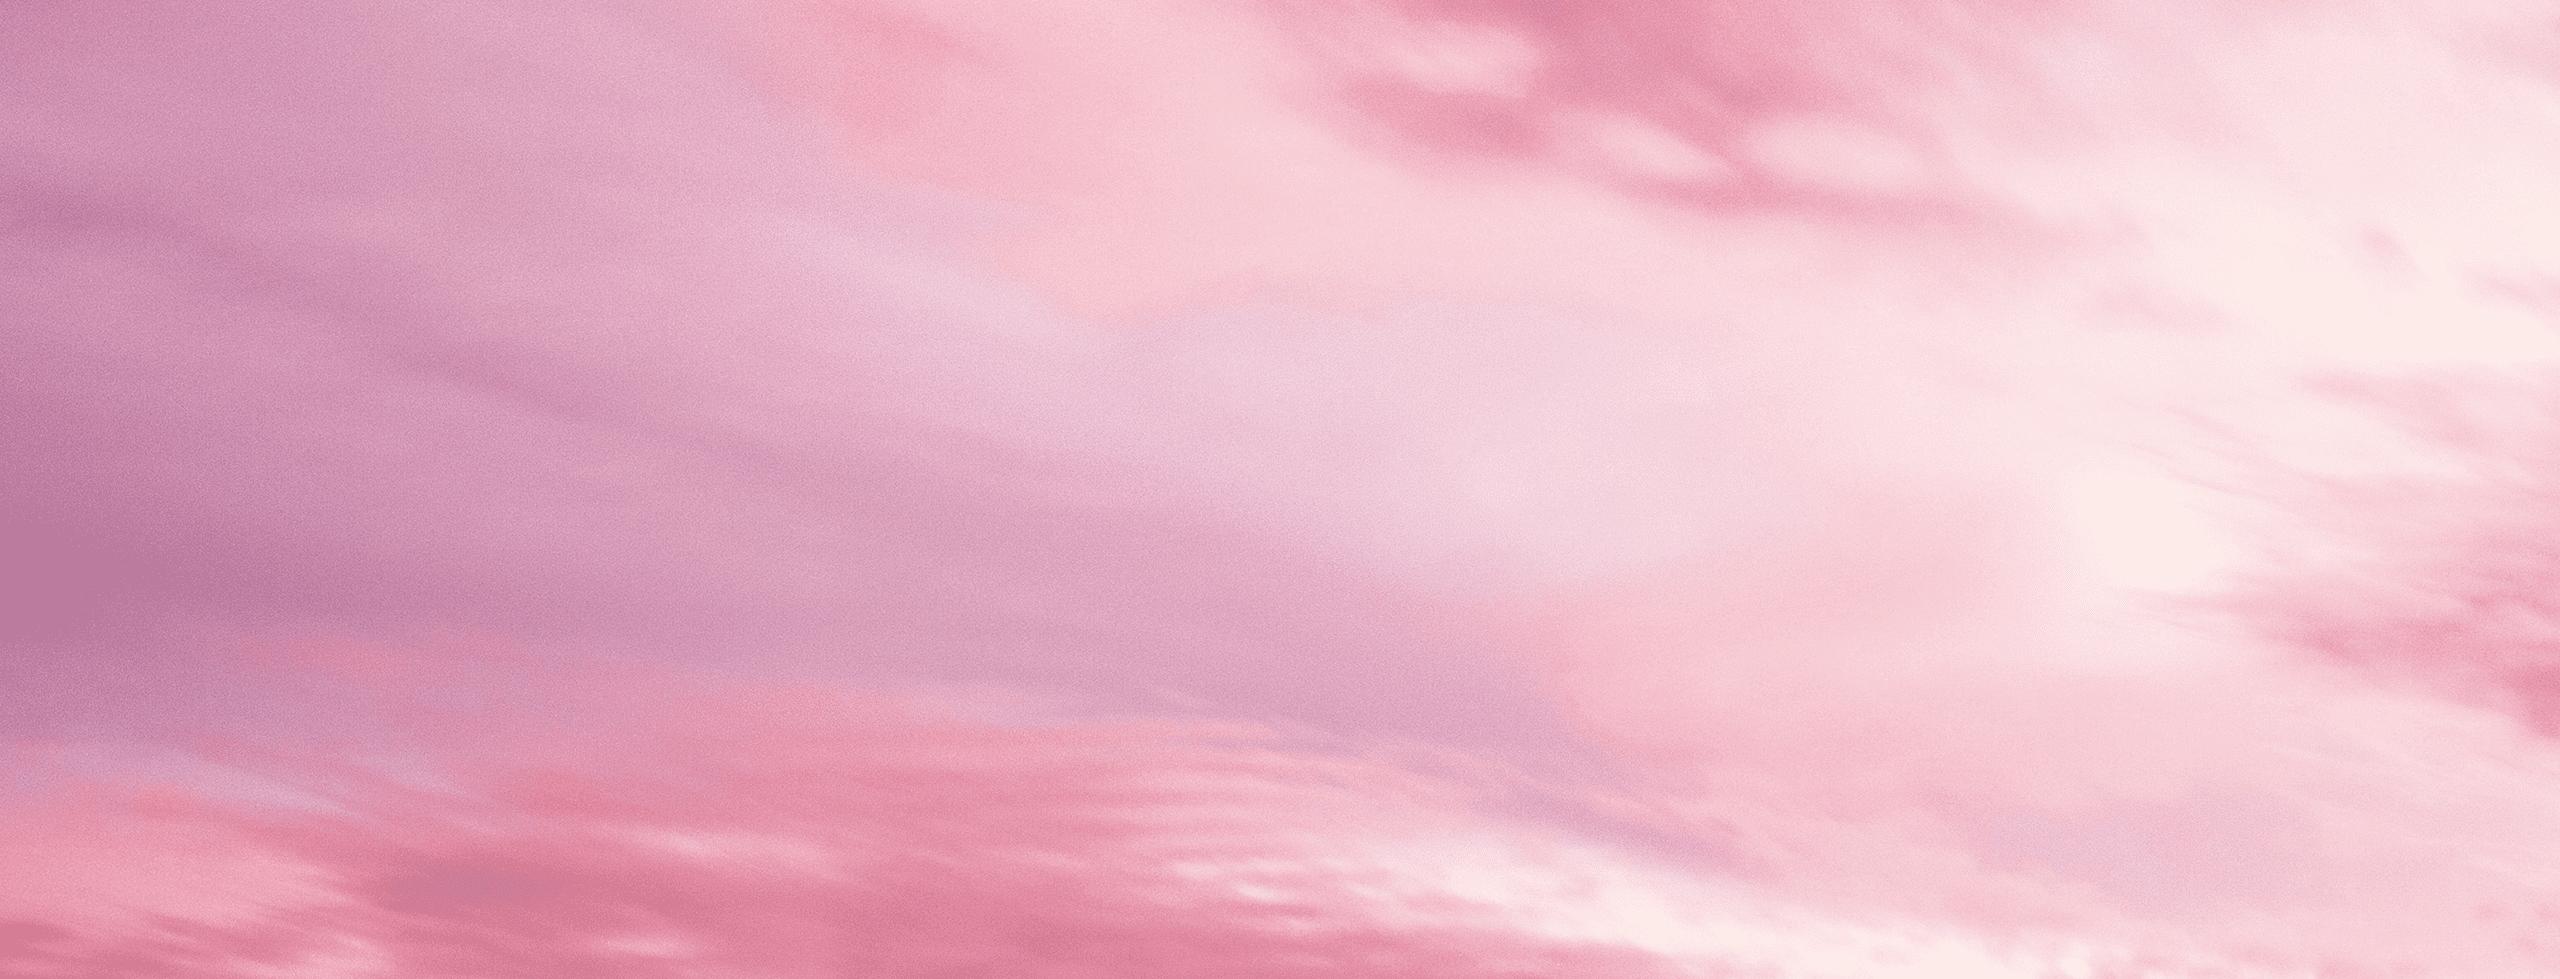 Yealands_Sunset Rose header 2560x979